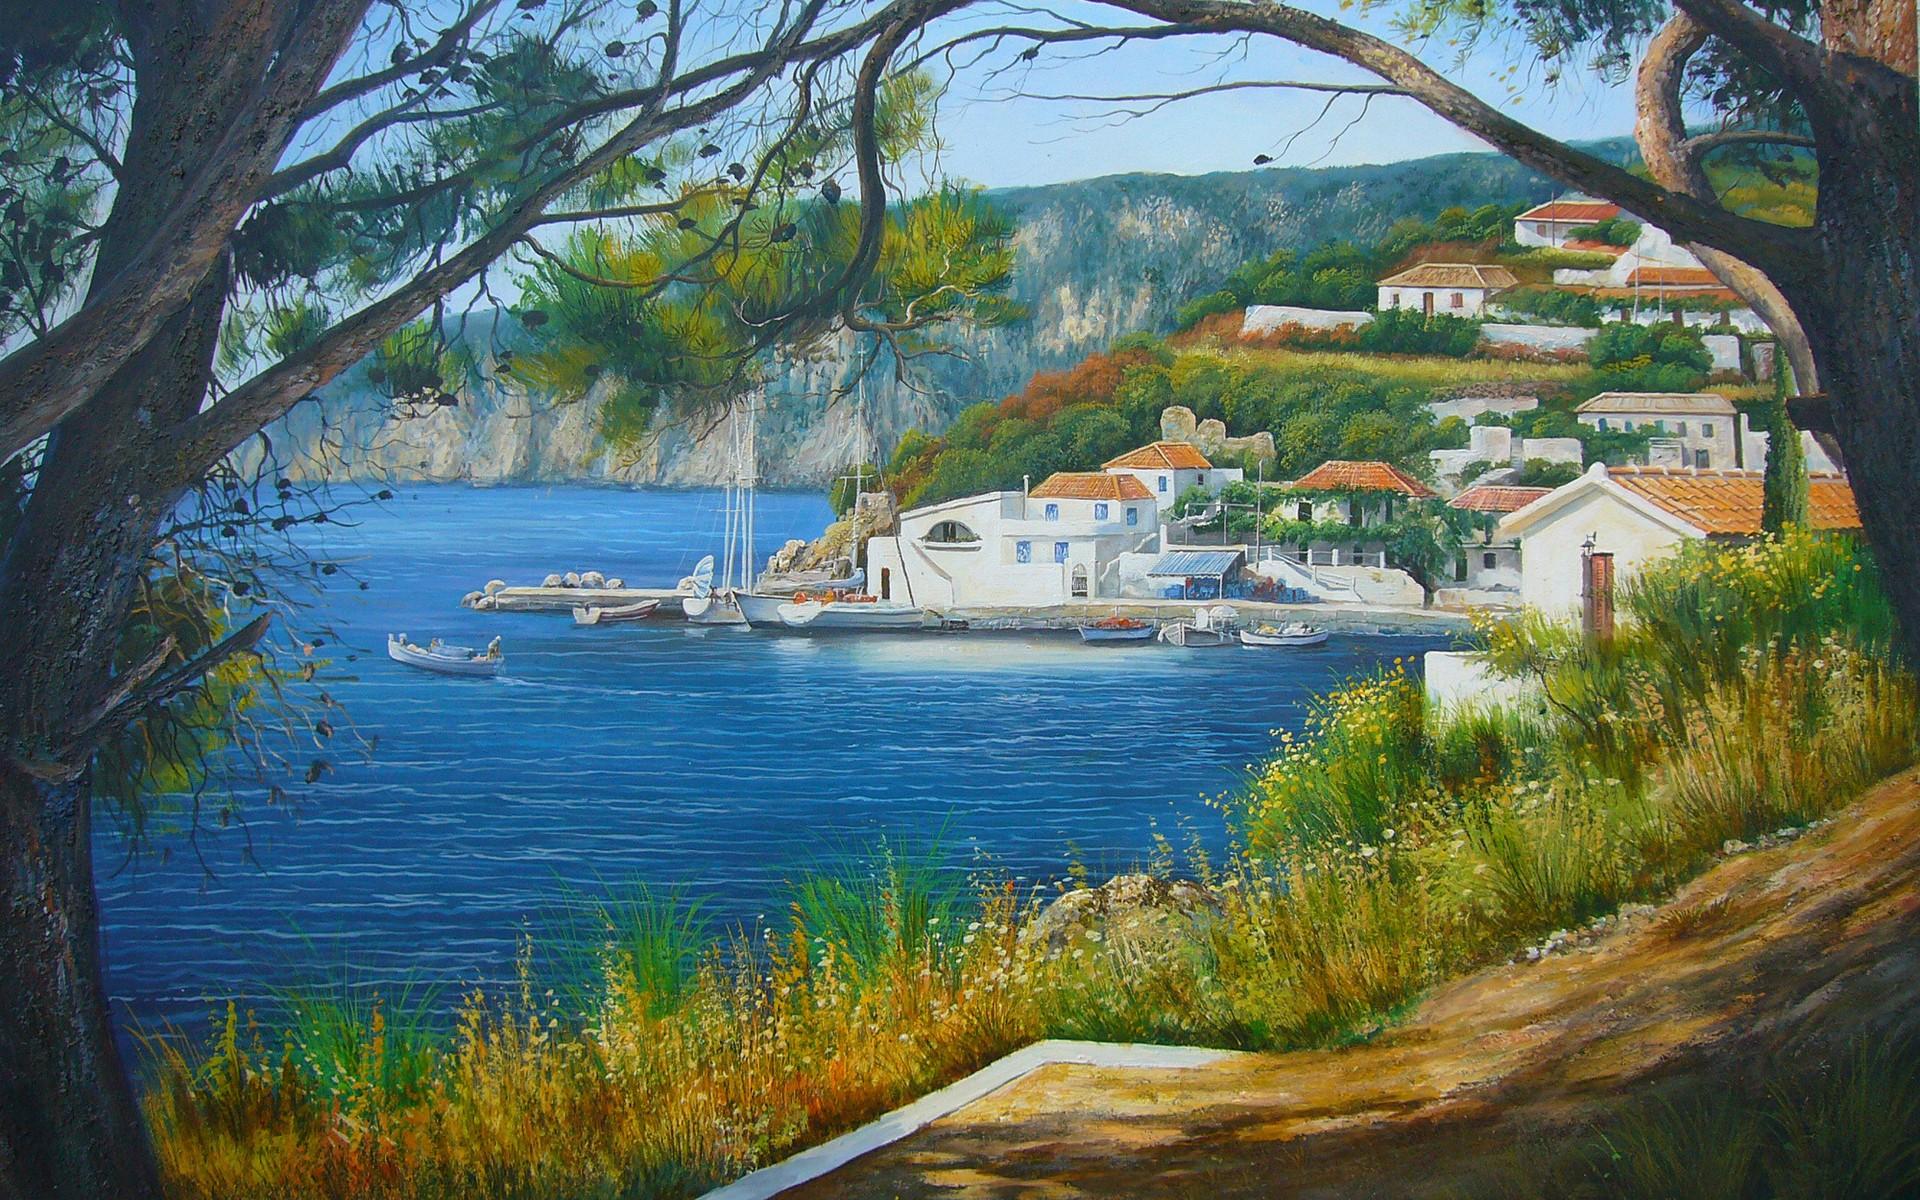 Masaüstü Ağaçlar Manzara Boyama Göl Doğa Gökyüzü Resim Köy